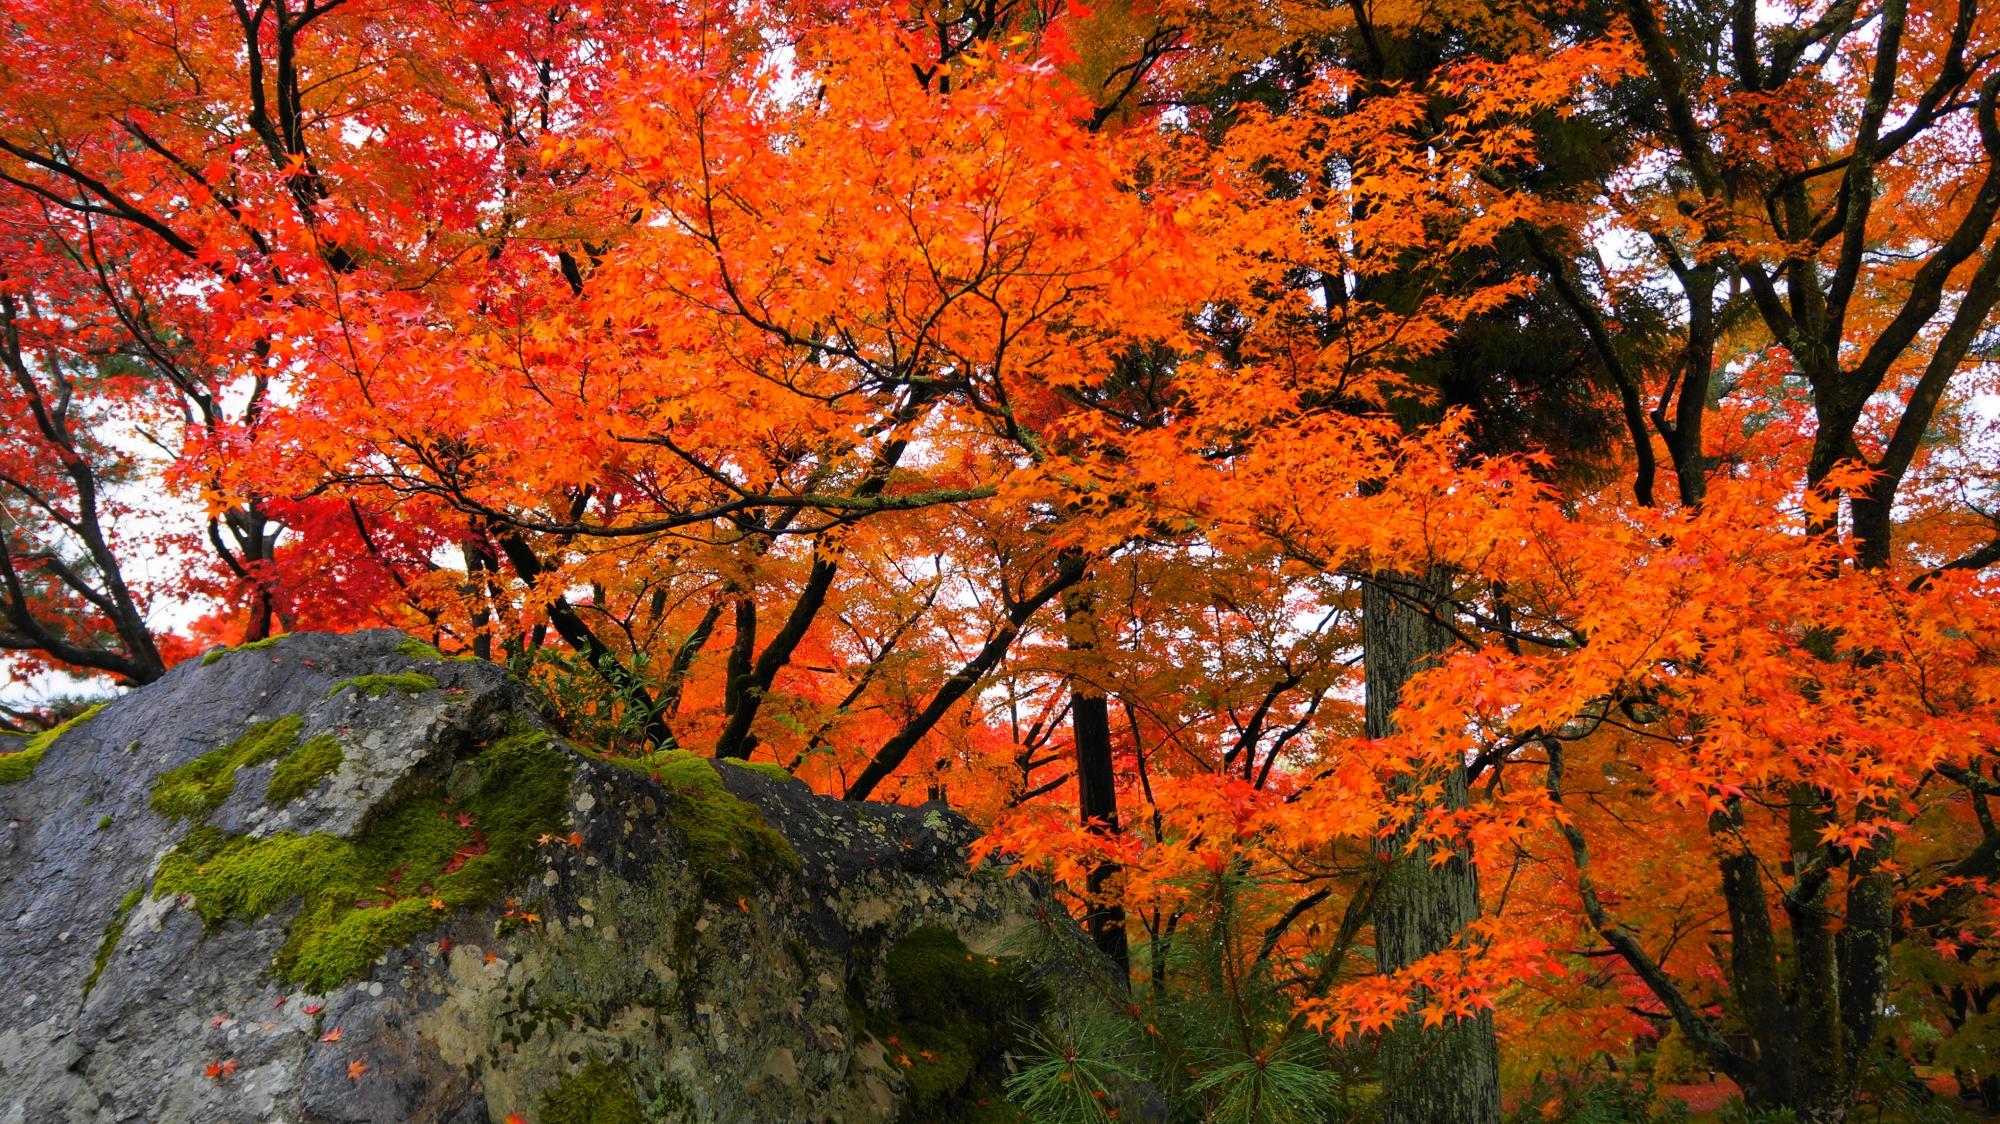 紅葉や苔に覆われた宝厳院の碧岩